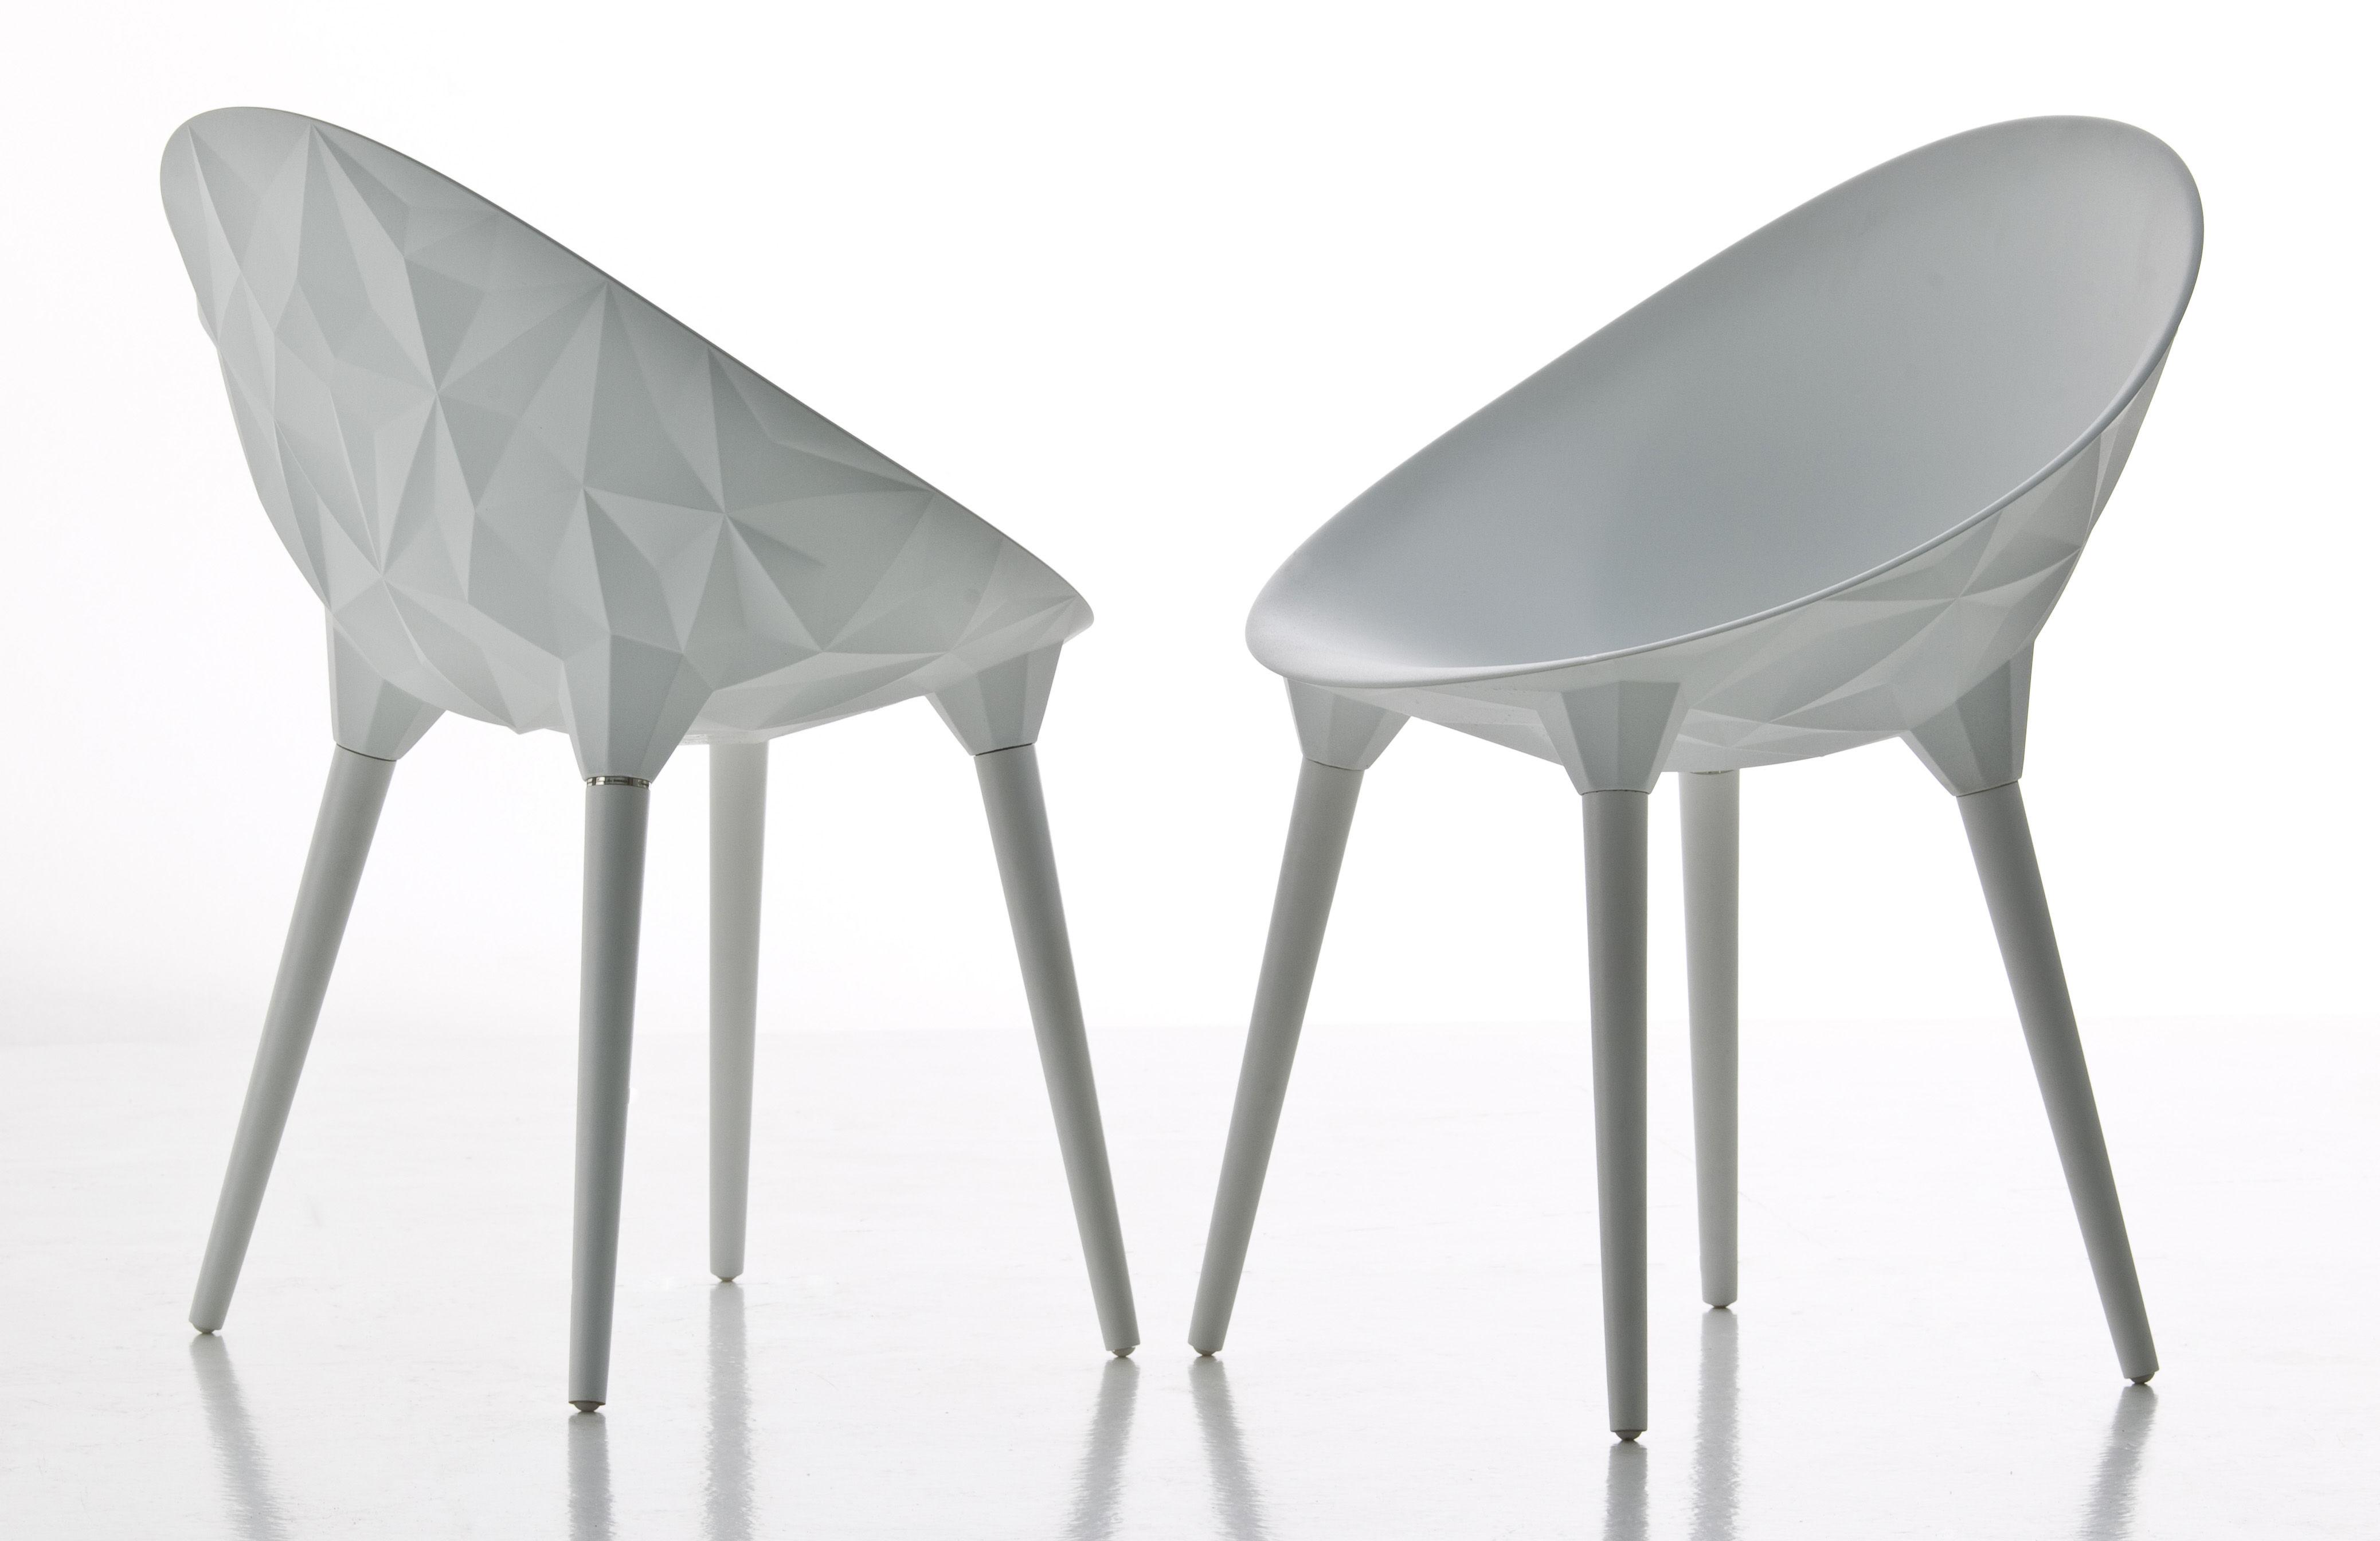 fauteuil rock coque plastique pieds bois noir diesel with moroso. Black Bedroom Furniture Sets. Home Design Ideas